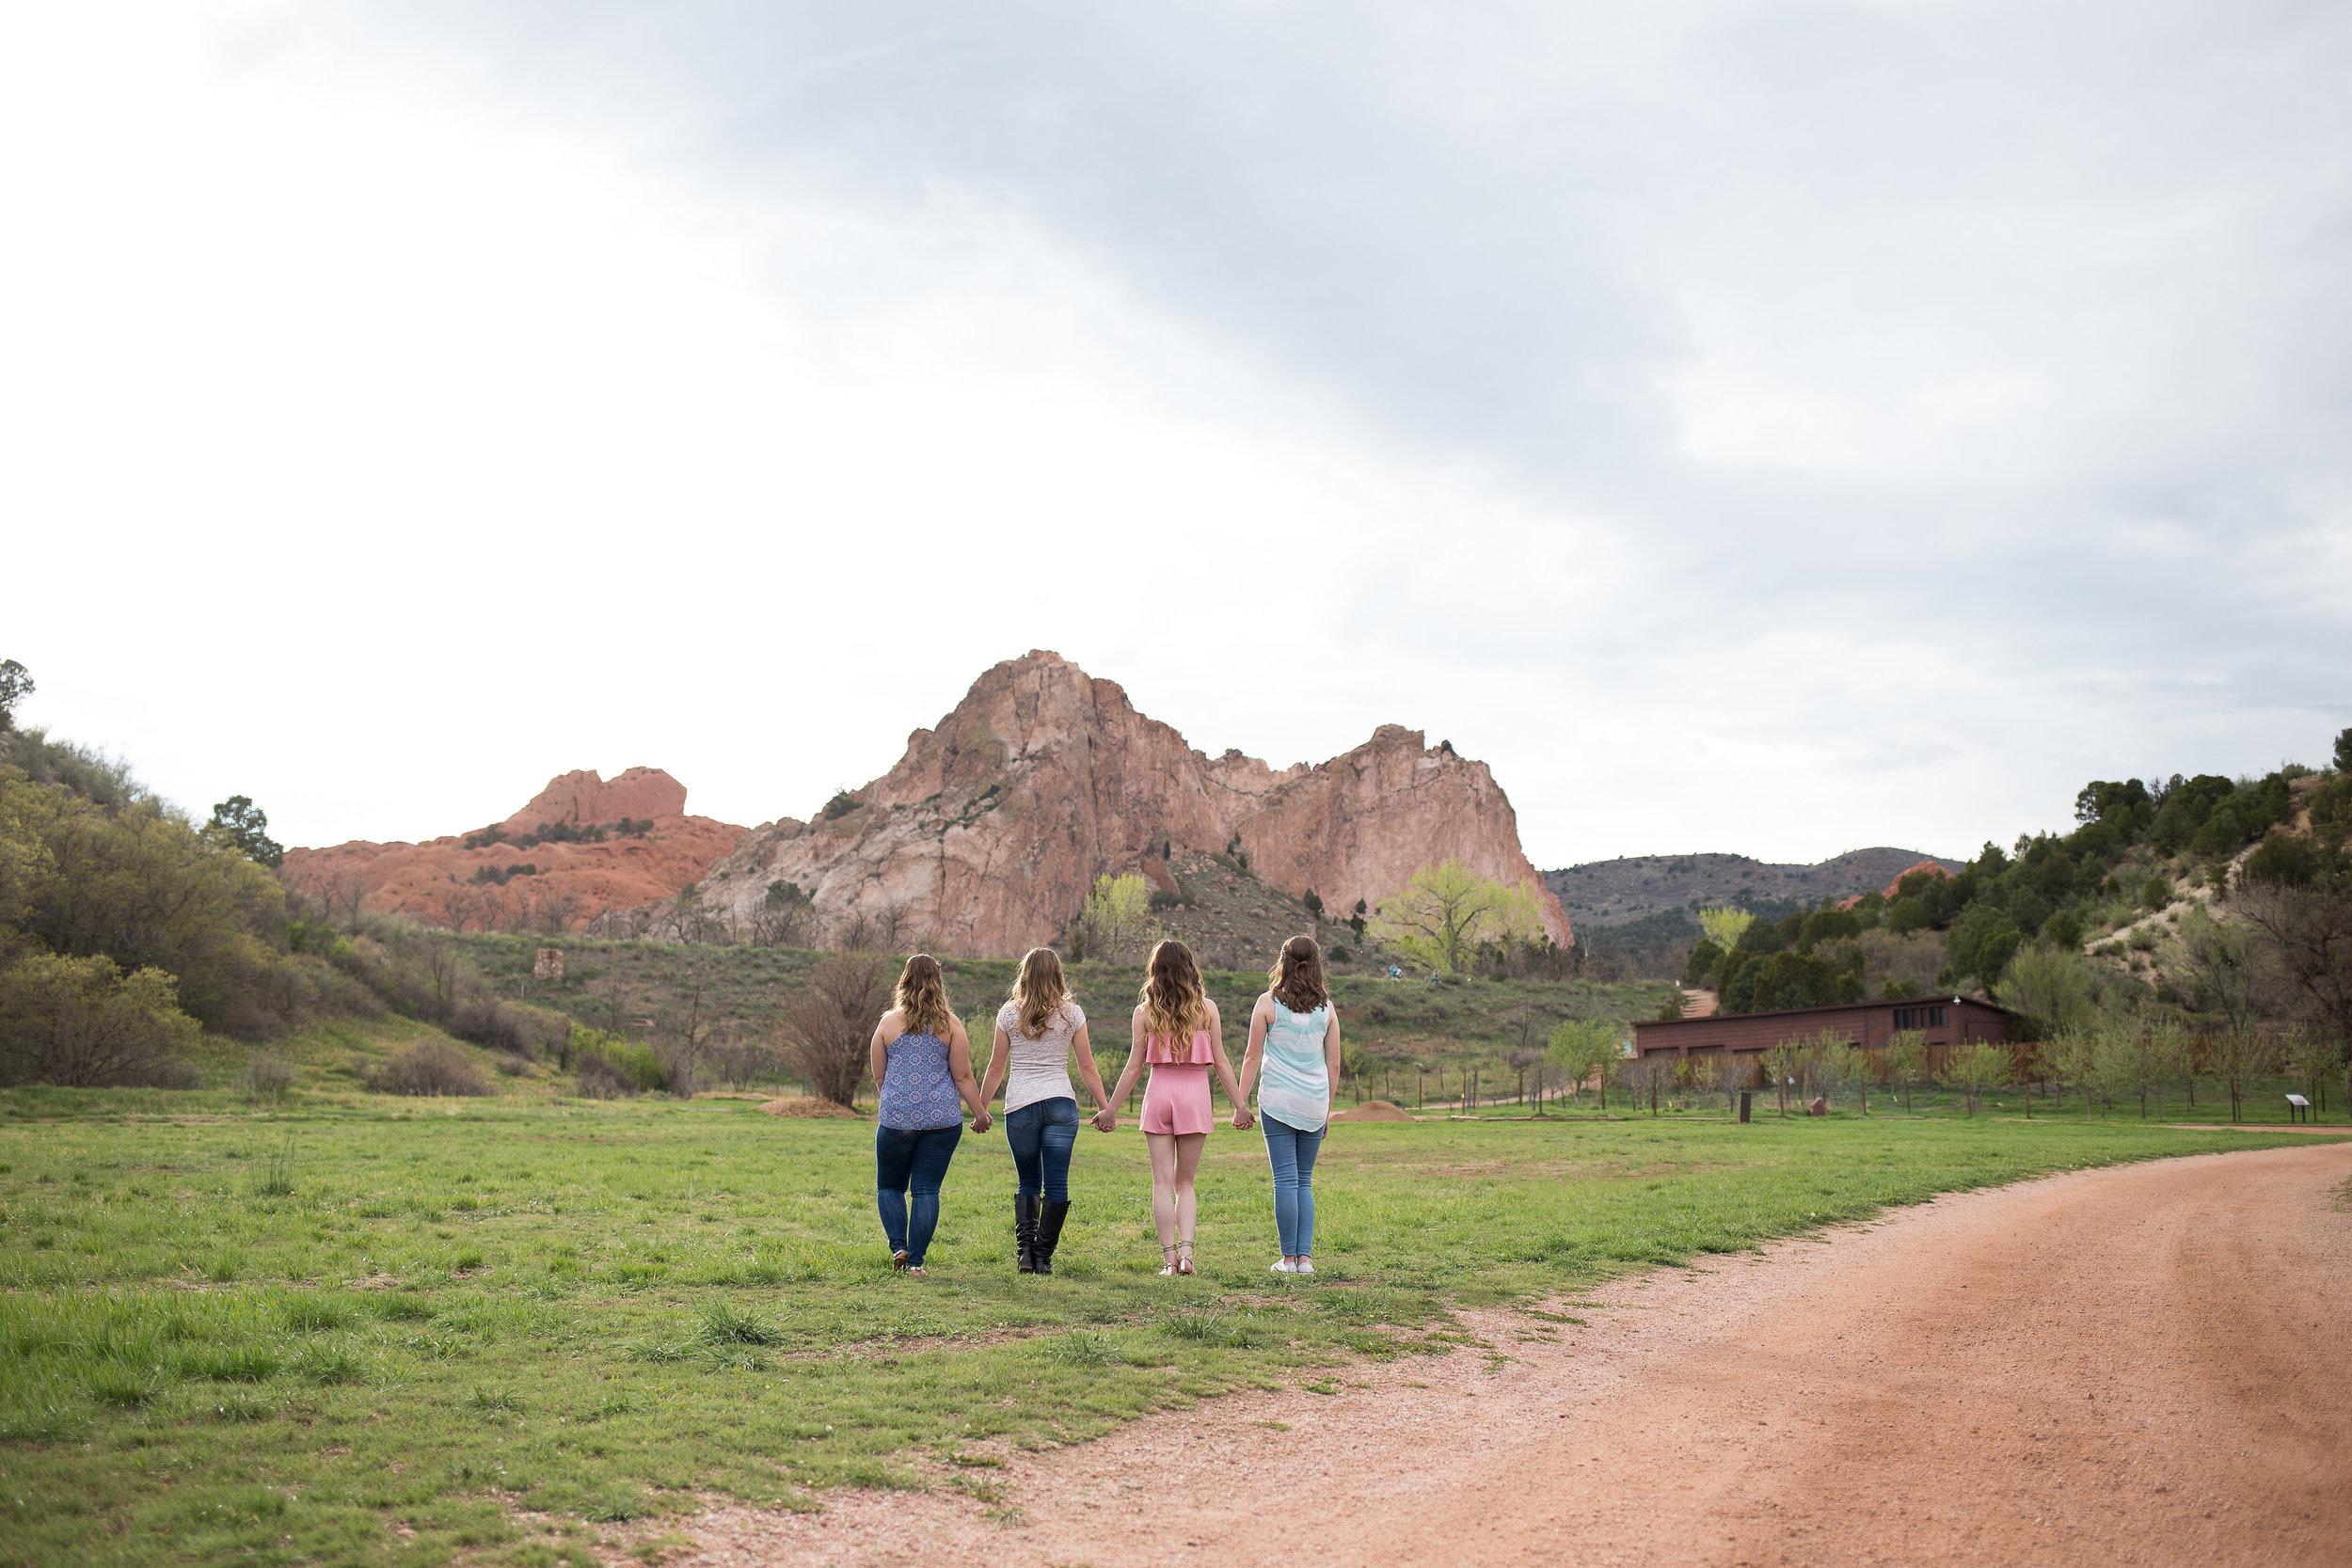 Colorado Springs Senior Portrait Photographer | Stacy Carosa Photography | Colorado Springs Senior Photography | Colorado Springs Friends Photo Session | Rock Ledge Ranch Senior Friends Session